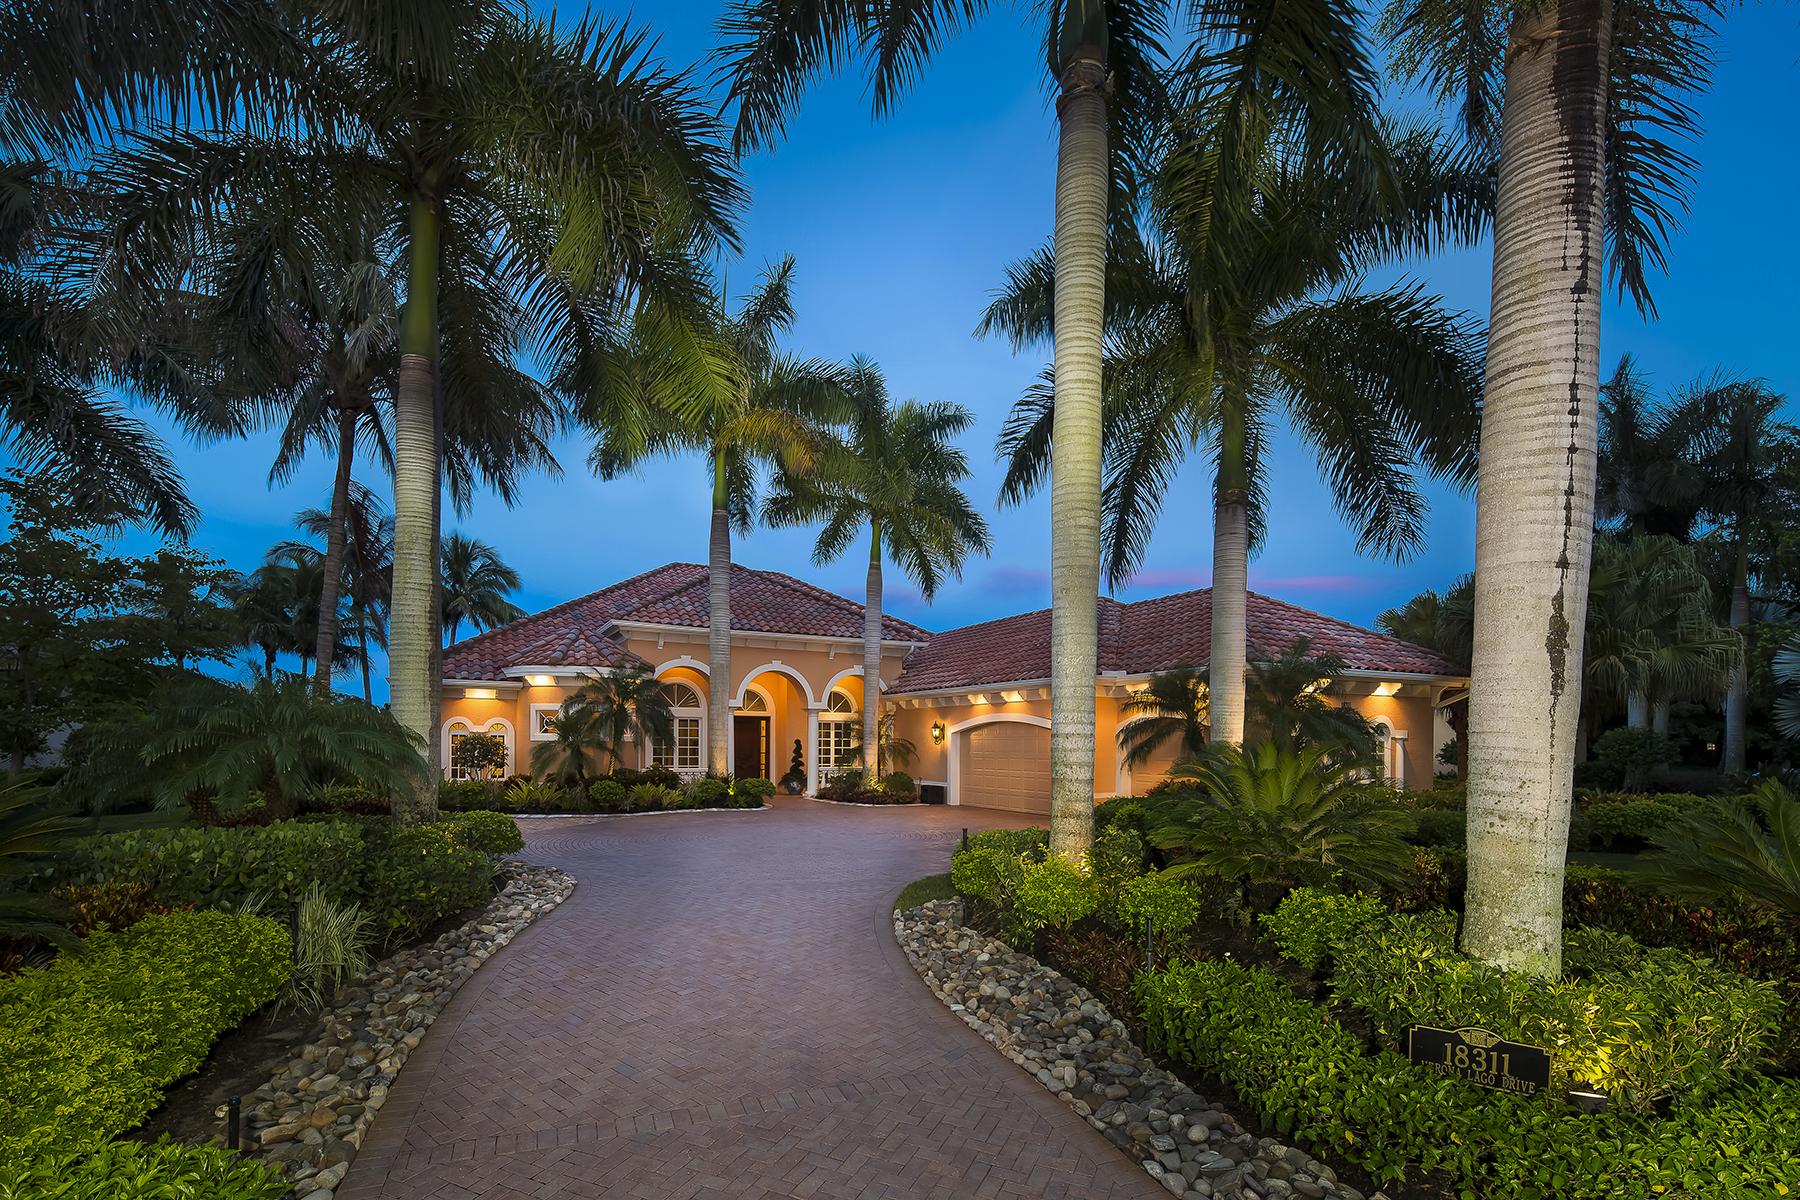 Частный односемейный дом для того Продажа на MIROMAR LAKES BEACH AND GOLF CLUB - VERONA LAGO 18311 Verona Lago Dr Miromar Lakes, Флорида, 33913 Соединенные Штаты